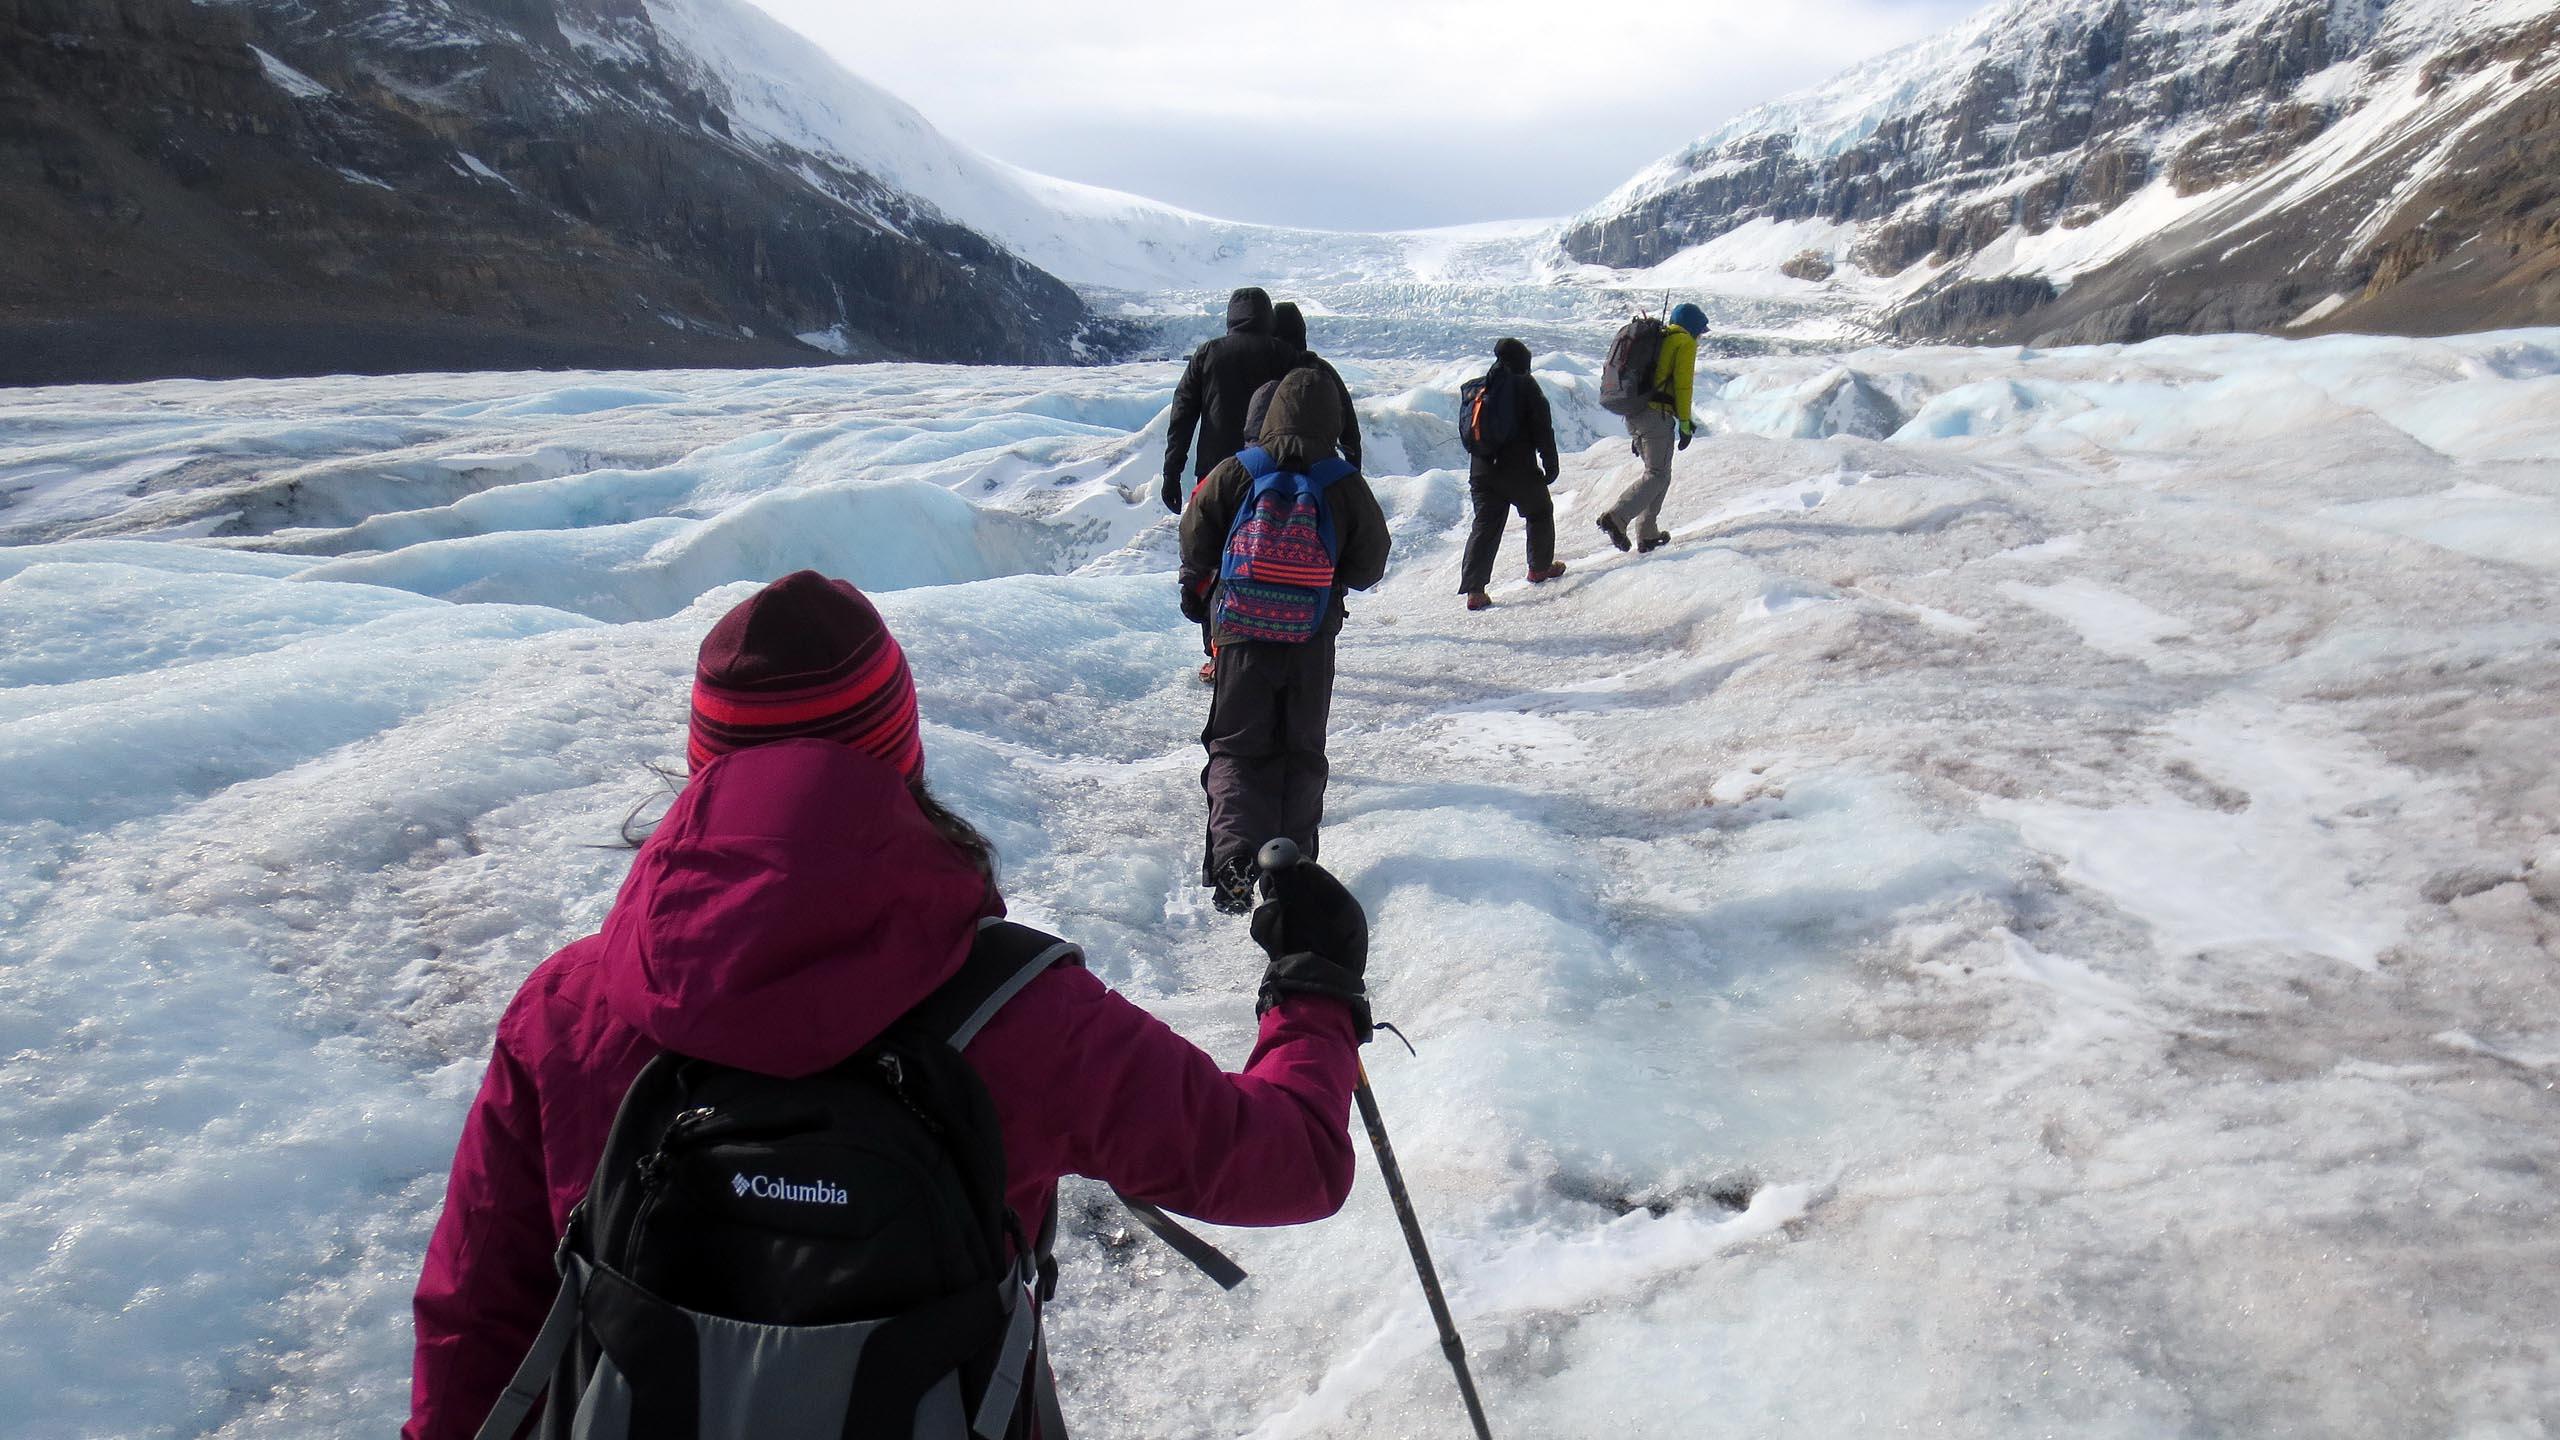 canada's athabasca glacier adventure